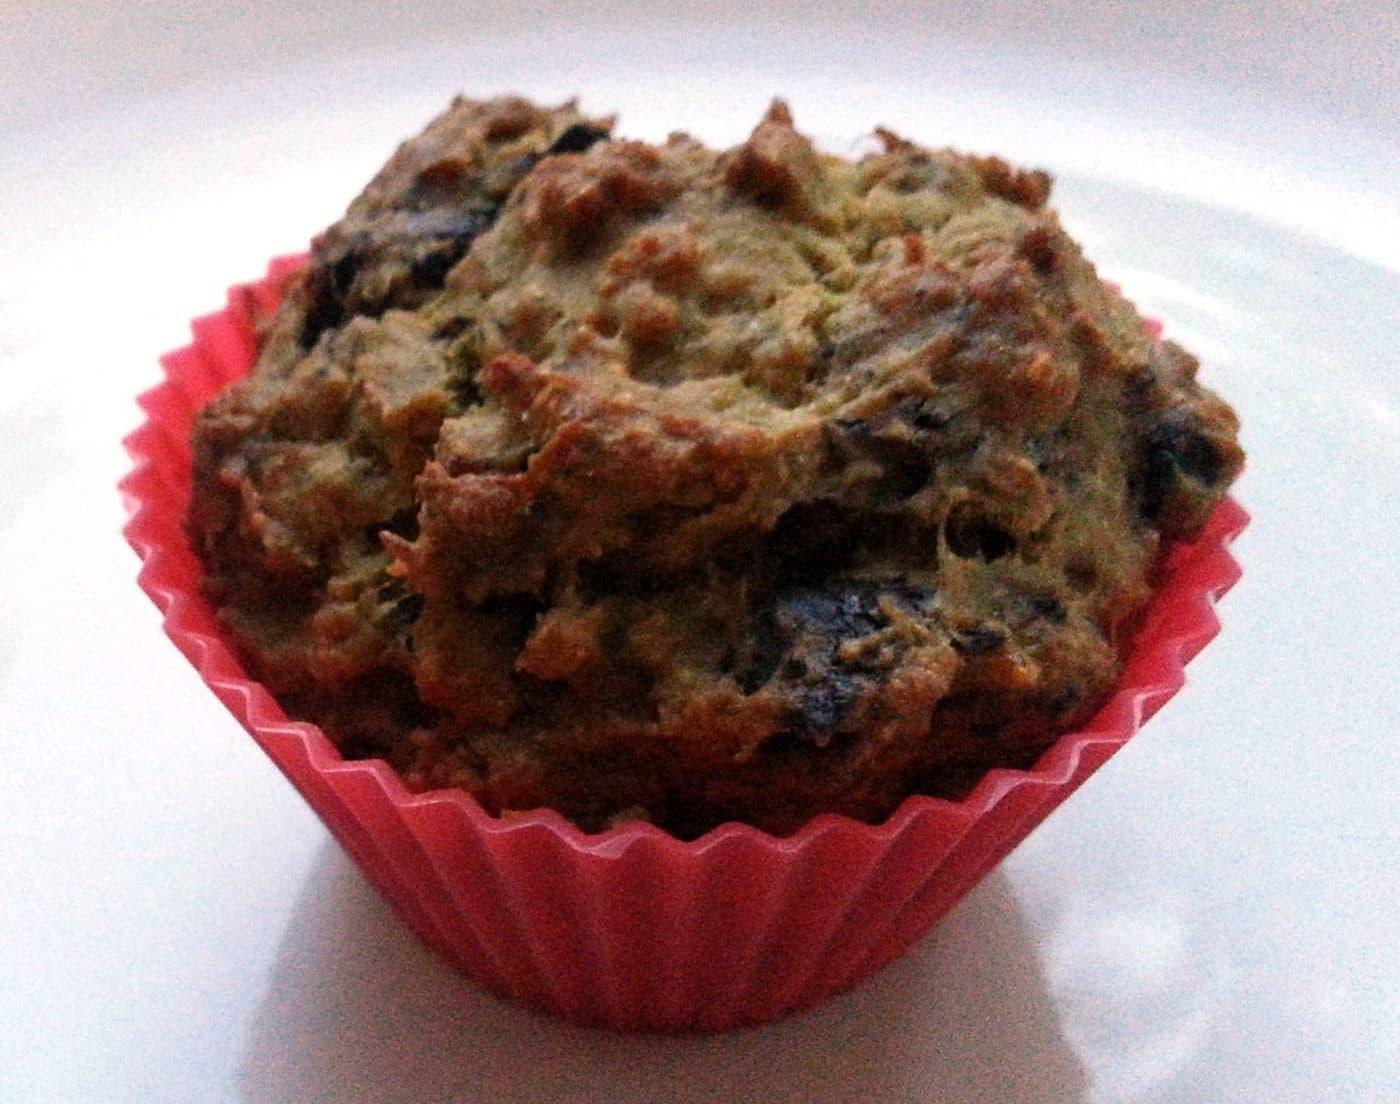 Recipe: Vegan banana chocolate chunk muffins